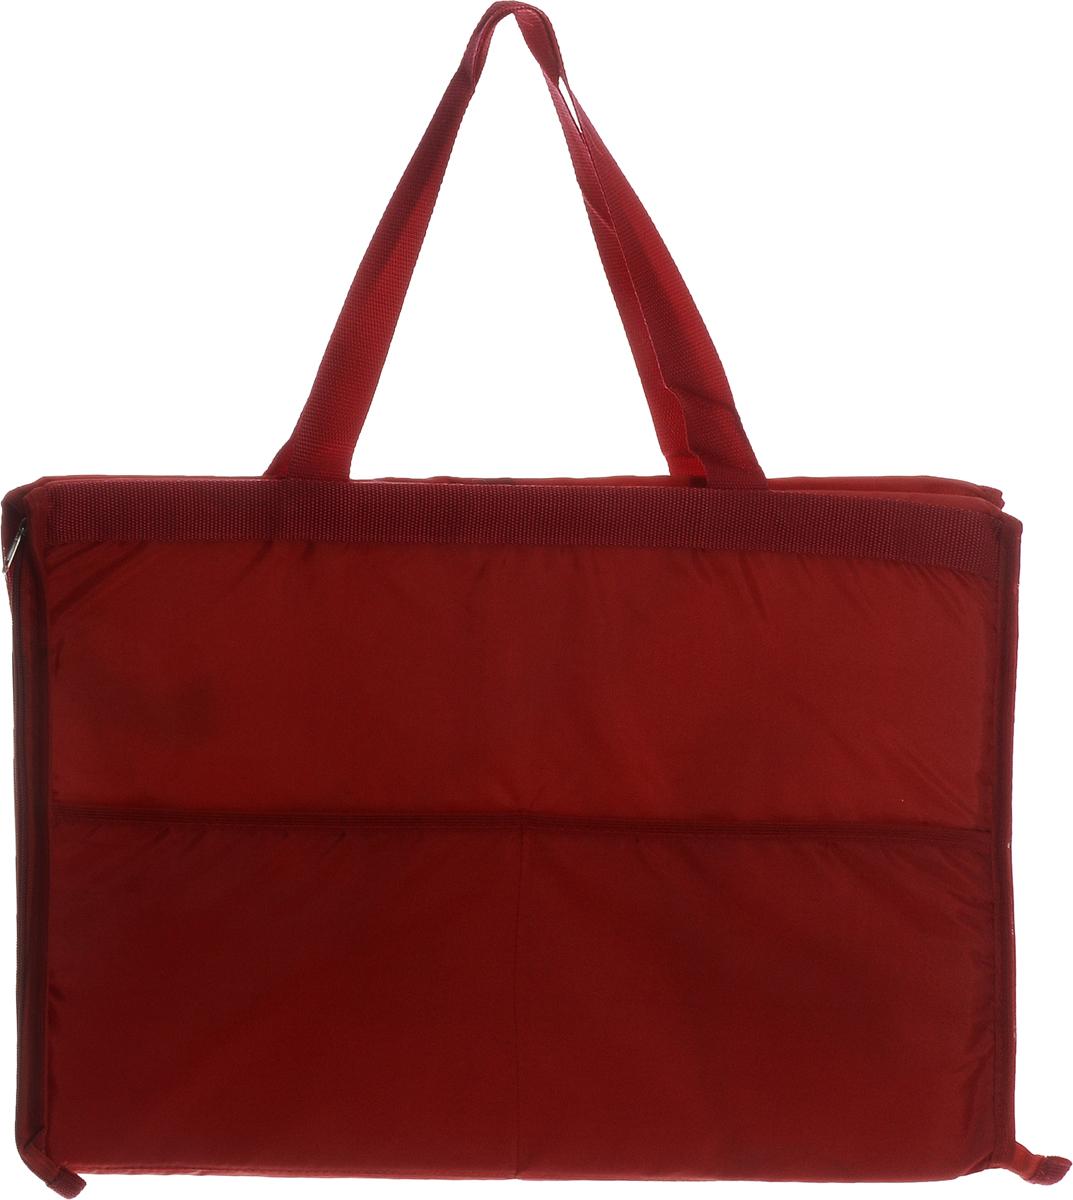 Сумка-коврик для пикника Eva, цвет: бордовый, 52 х 38 см. К37К37_бордовыйСумка-коврик Eva изготовлена из хлопка, полиэстера, наполнитель - пенополиэтилен. Вместительная сумка на молнии одним движение превращается в удобный пляжный коврик для загорания. Для отдыха на пляже или пикника будет полезной такая вещь, как сумка-коврик. Изделие сделает ваш отдых комфортным и приятным. Размер сумки-коврика (в сложенном виде): 52 х 38 см.Размер сумки-коврика (в развернутом виде): 145 х 52 см.